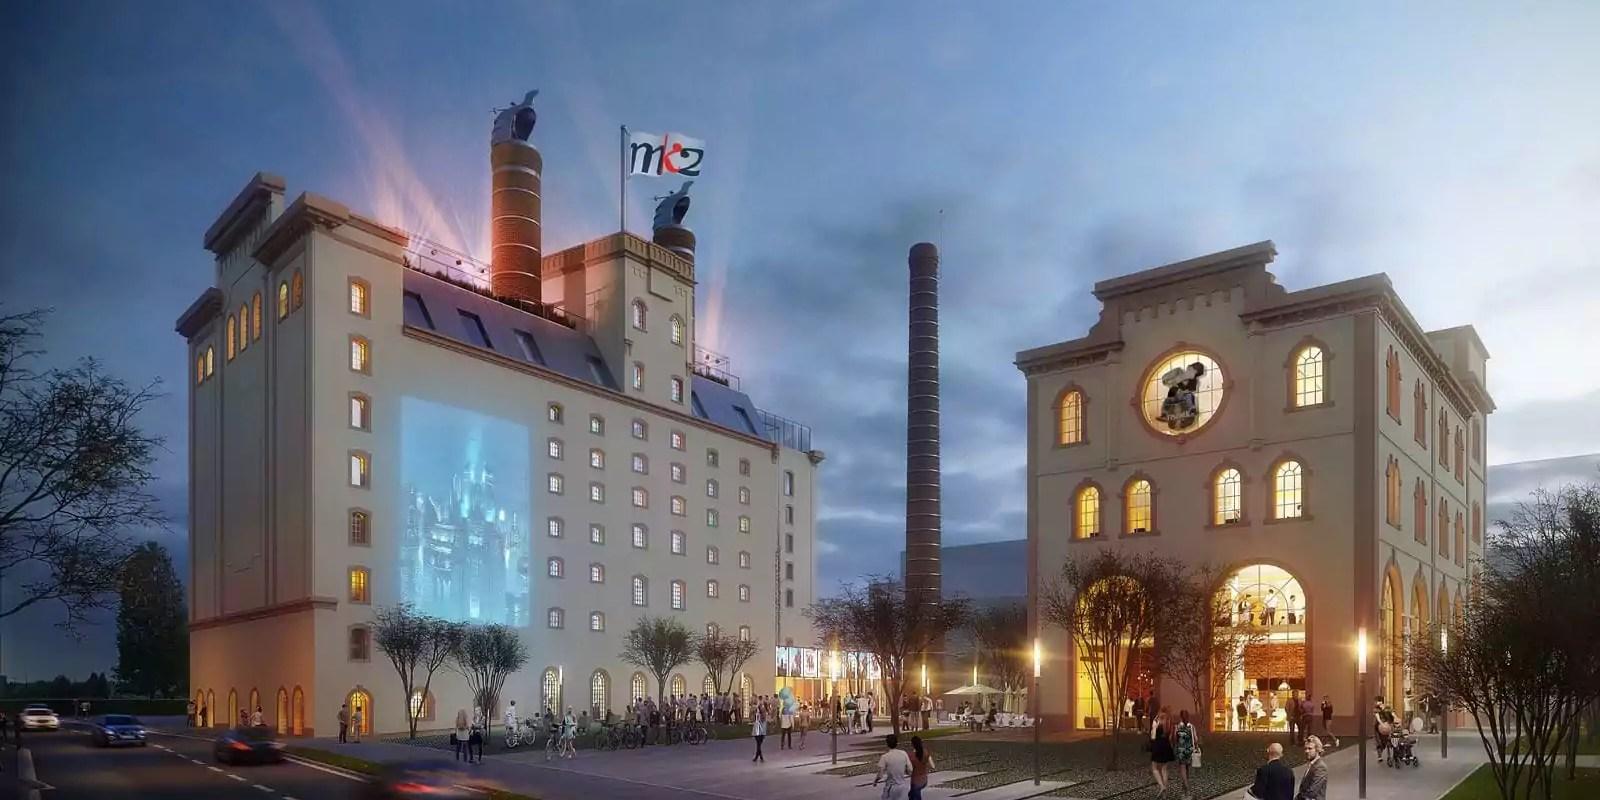 Huit salles de cinéma dans un nouveau complexe MK2 à Schiltigheim en 2020